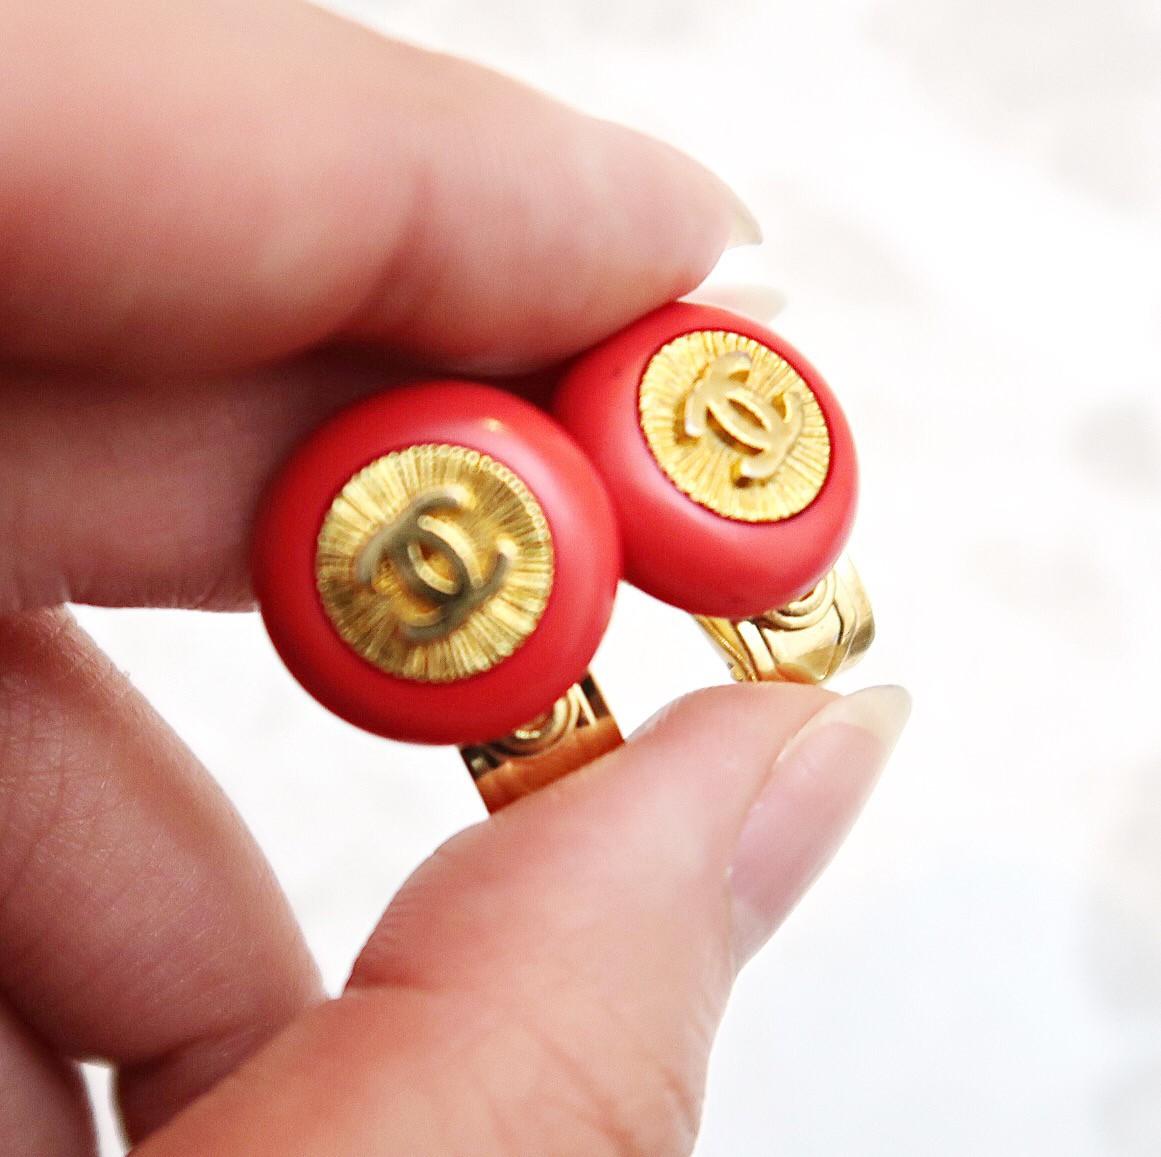 ボタンでオリジナルイヤリングをハンドメイドしませんか??